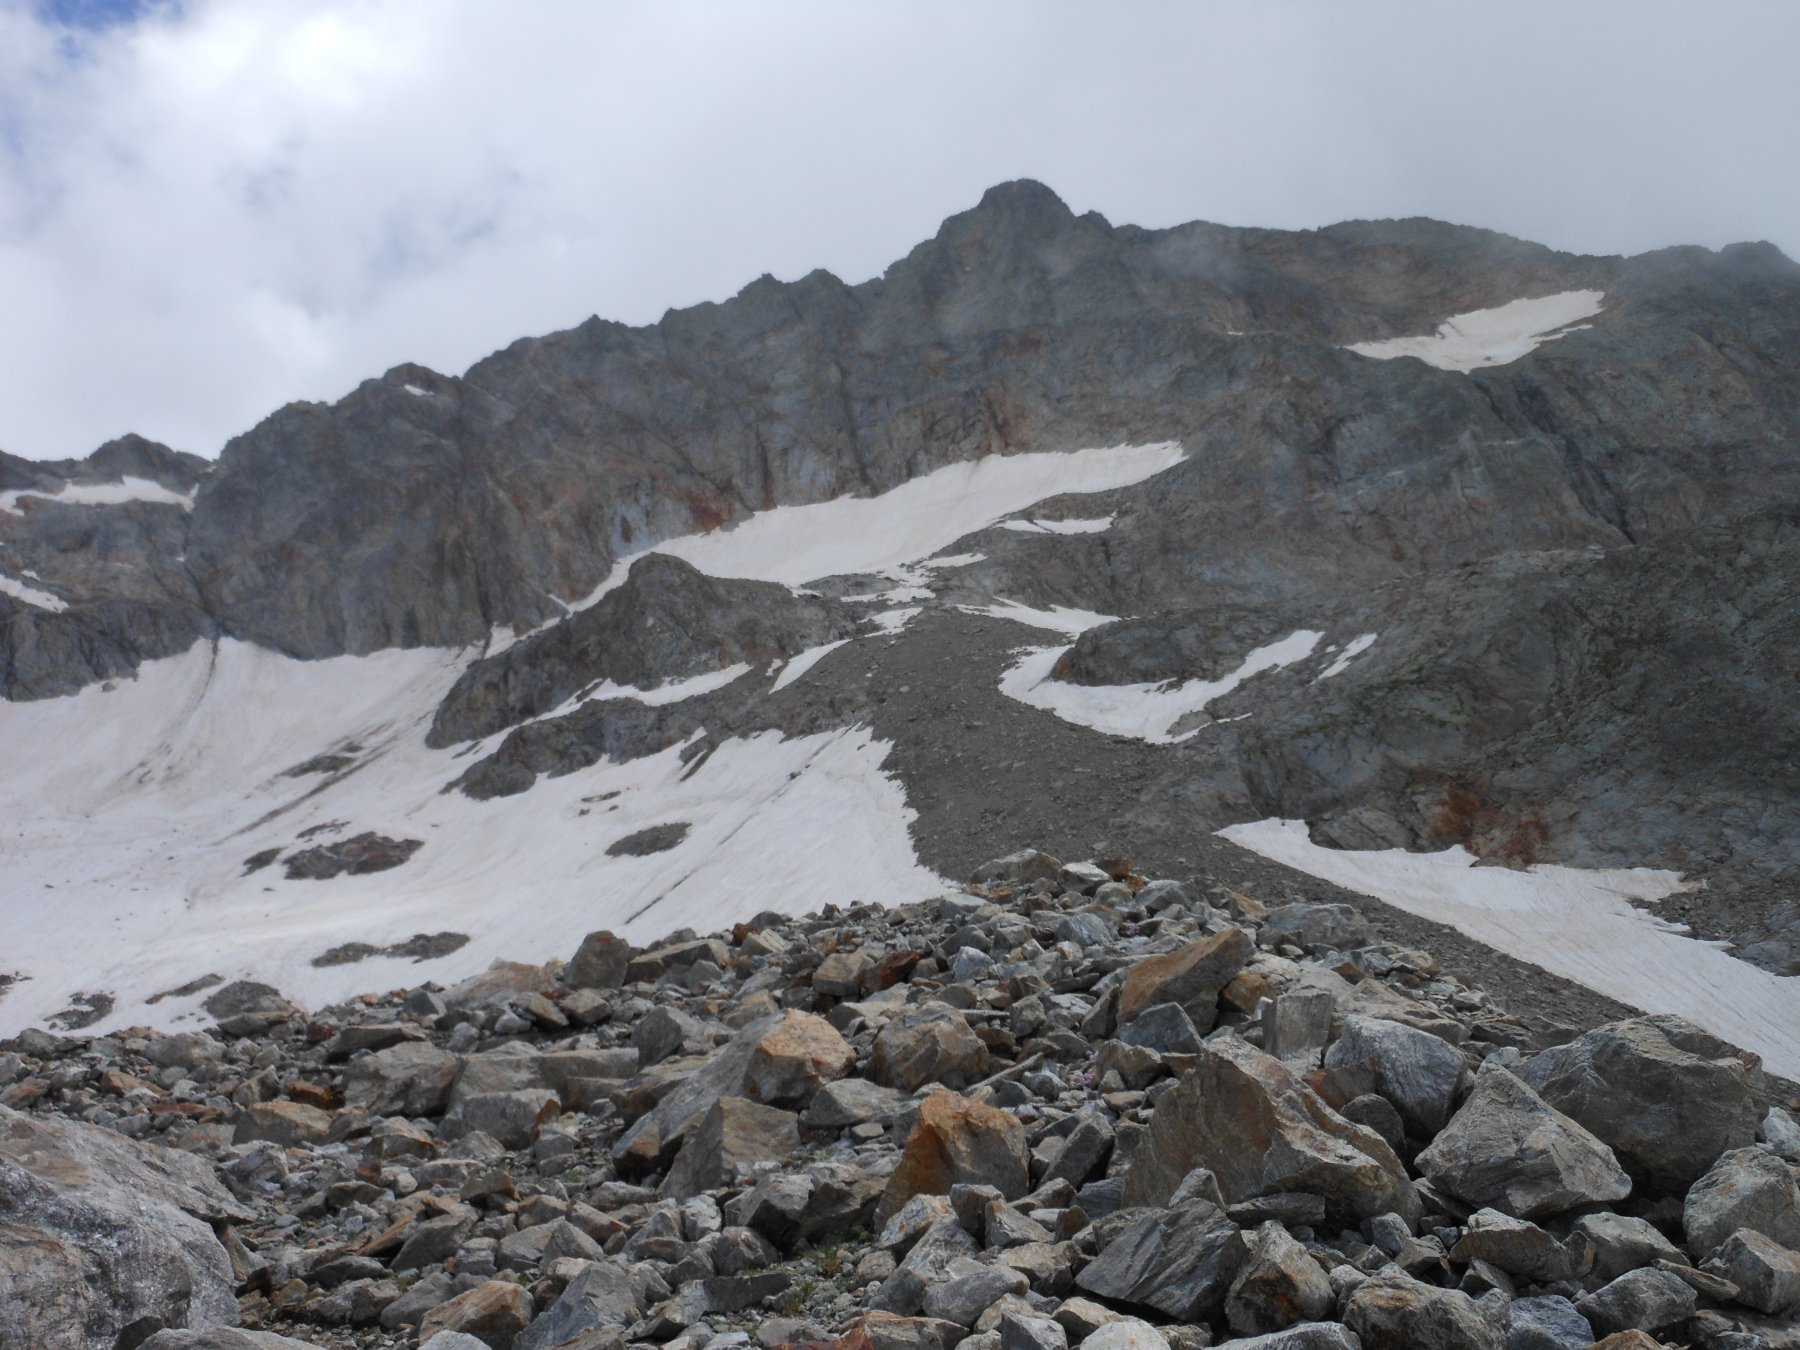 Il versante Nord del Gelas; in alto a destra, il ghiacciaio pensile della Maura. Dalla sua parte alta, verso sinistra si accede ai nevai sottostanti